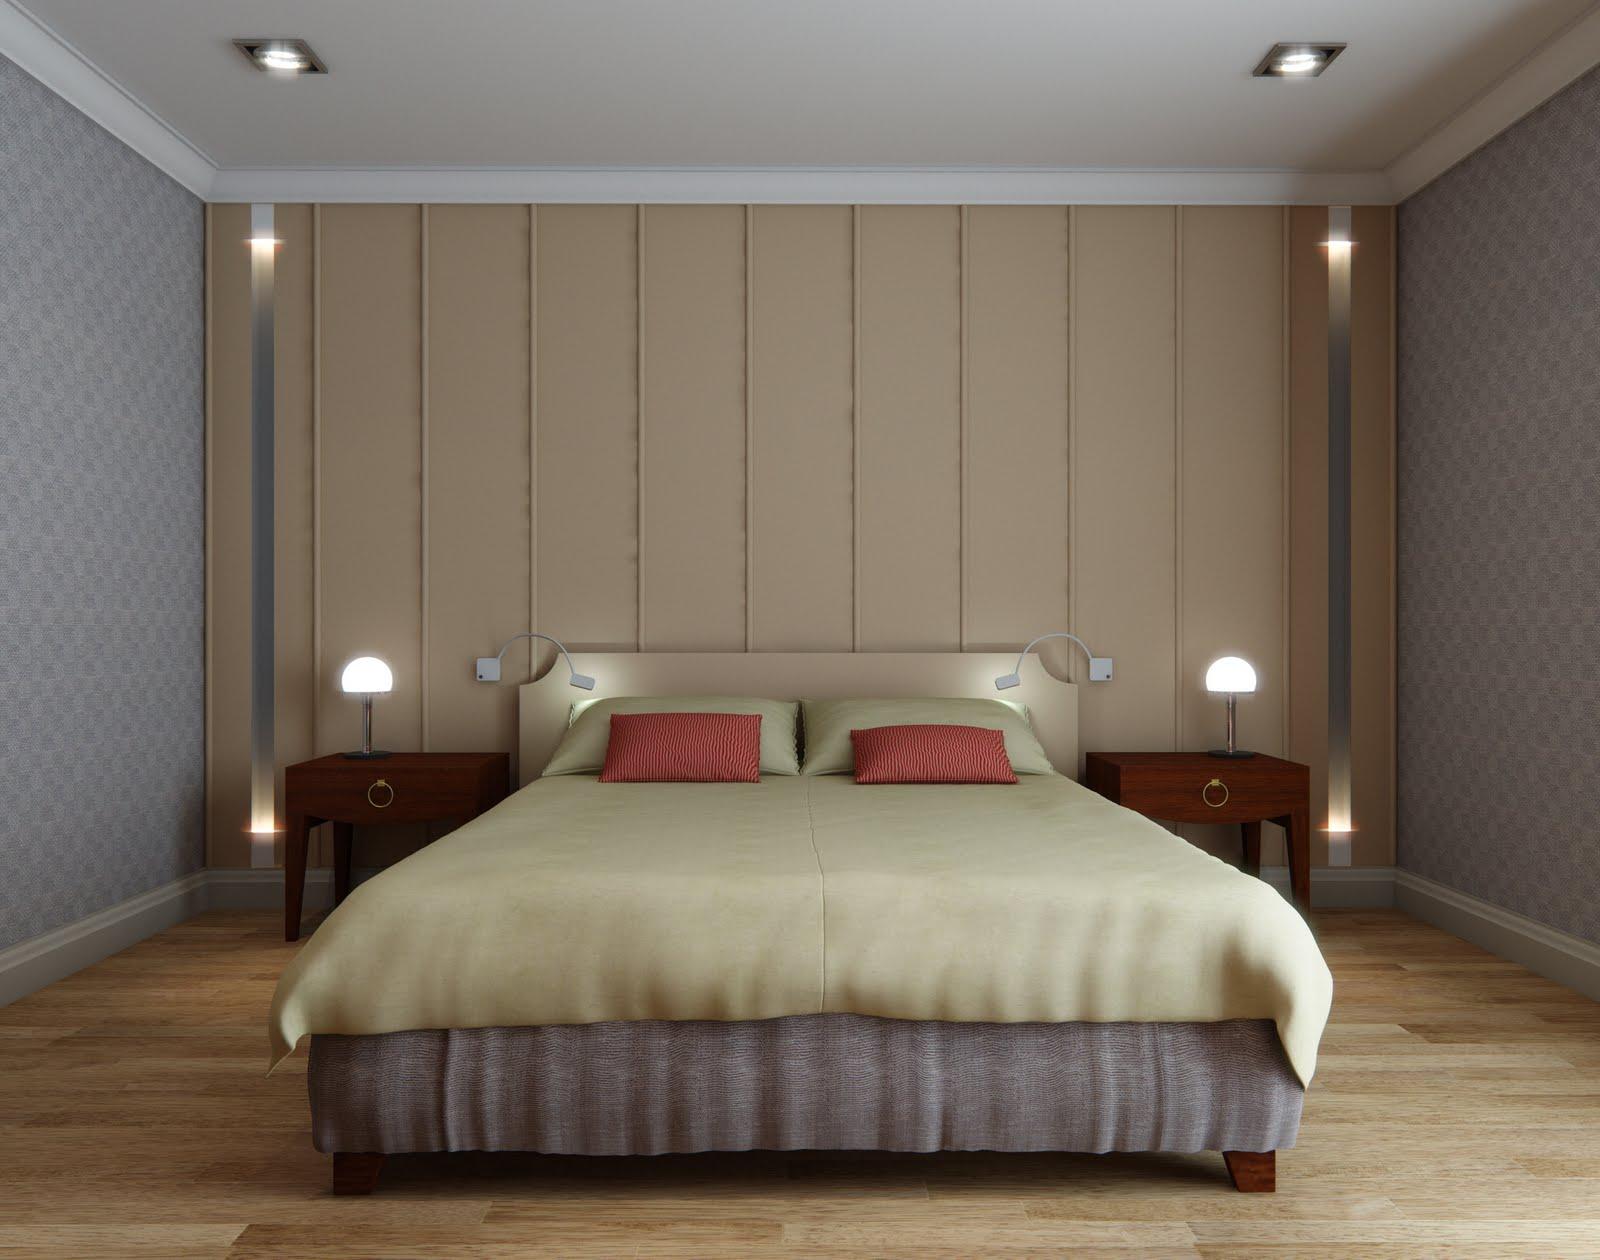 Jose vicente sanz march infografia interiorismo dormitorio - Interiorismo dormitorios ...